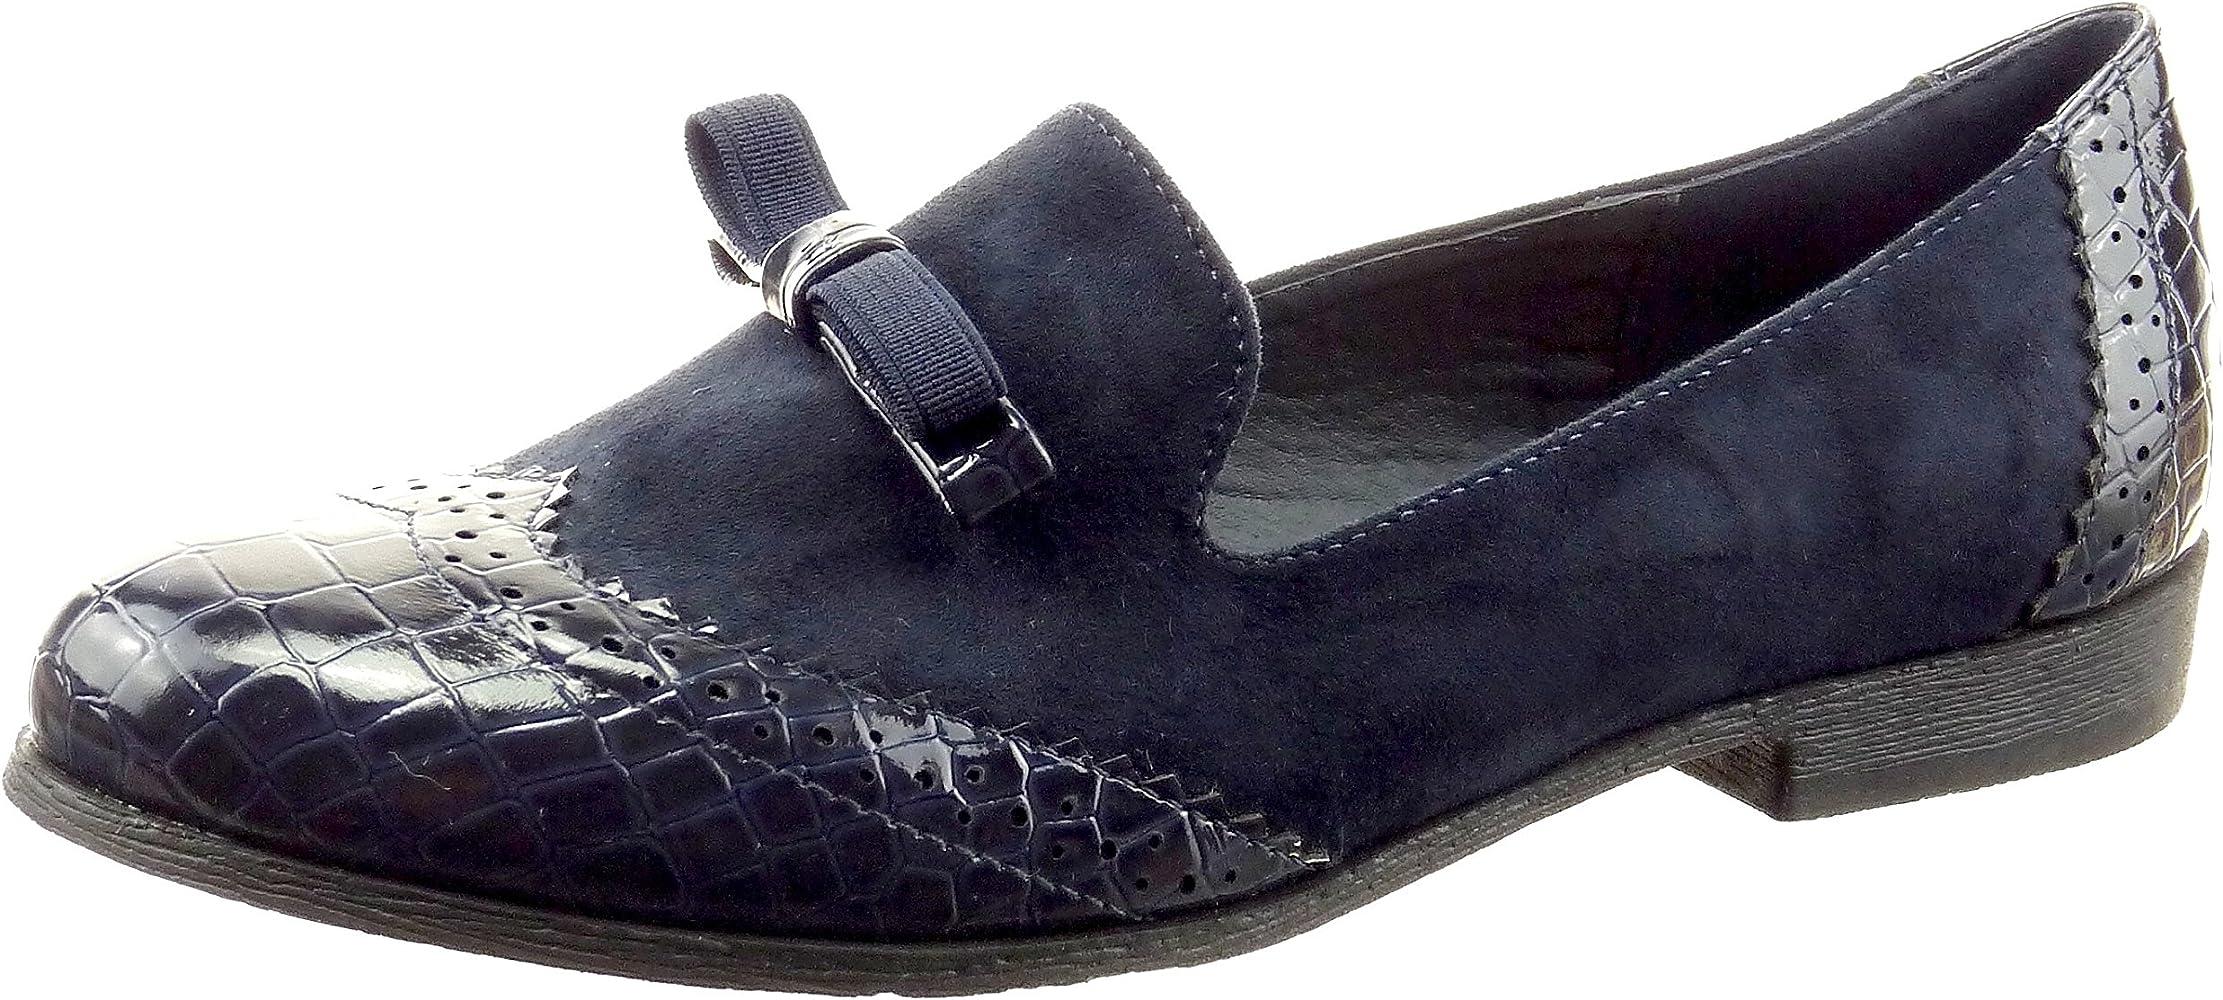 Sopily - Zapatillas de Moda Mocasines Bailarinas Tobillo ...